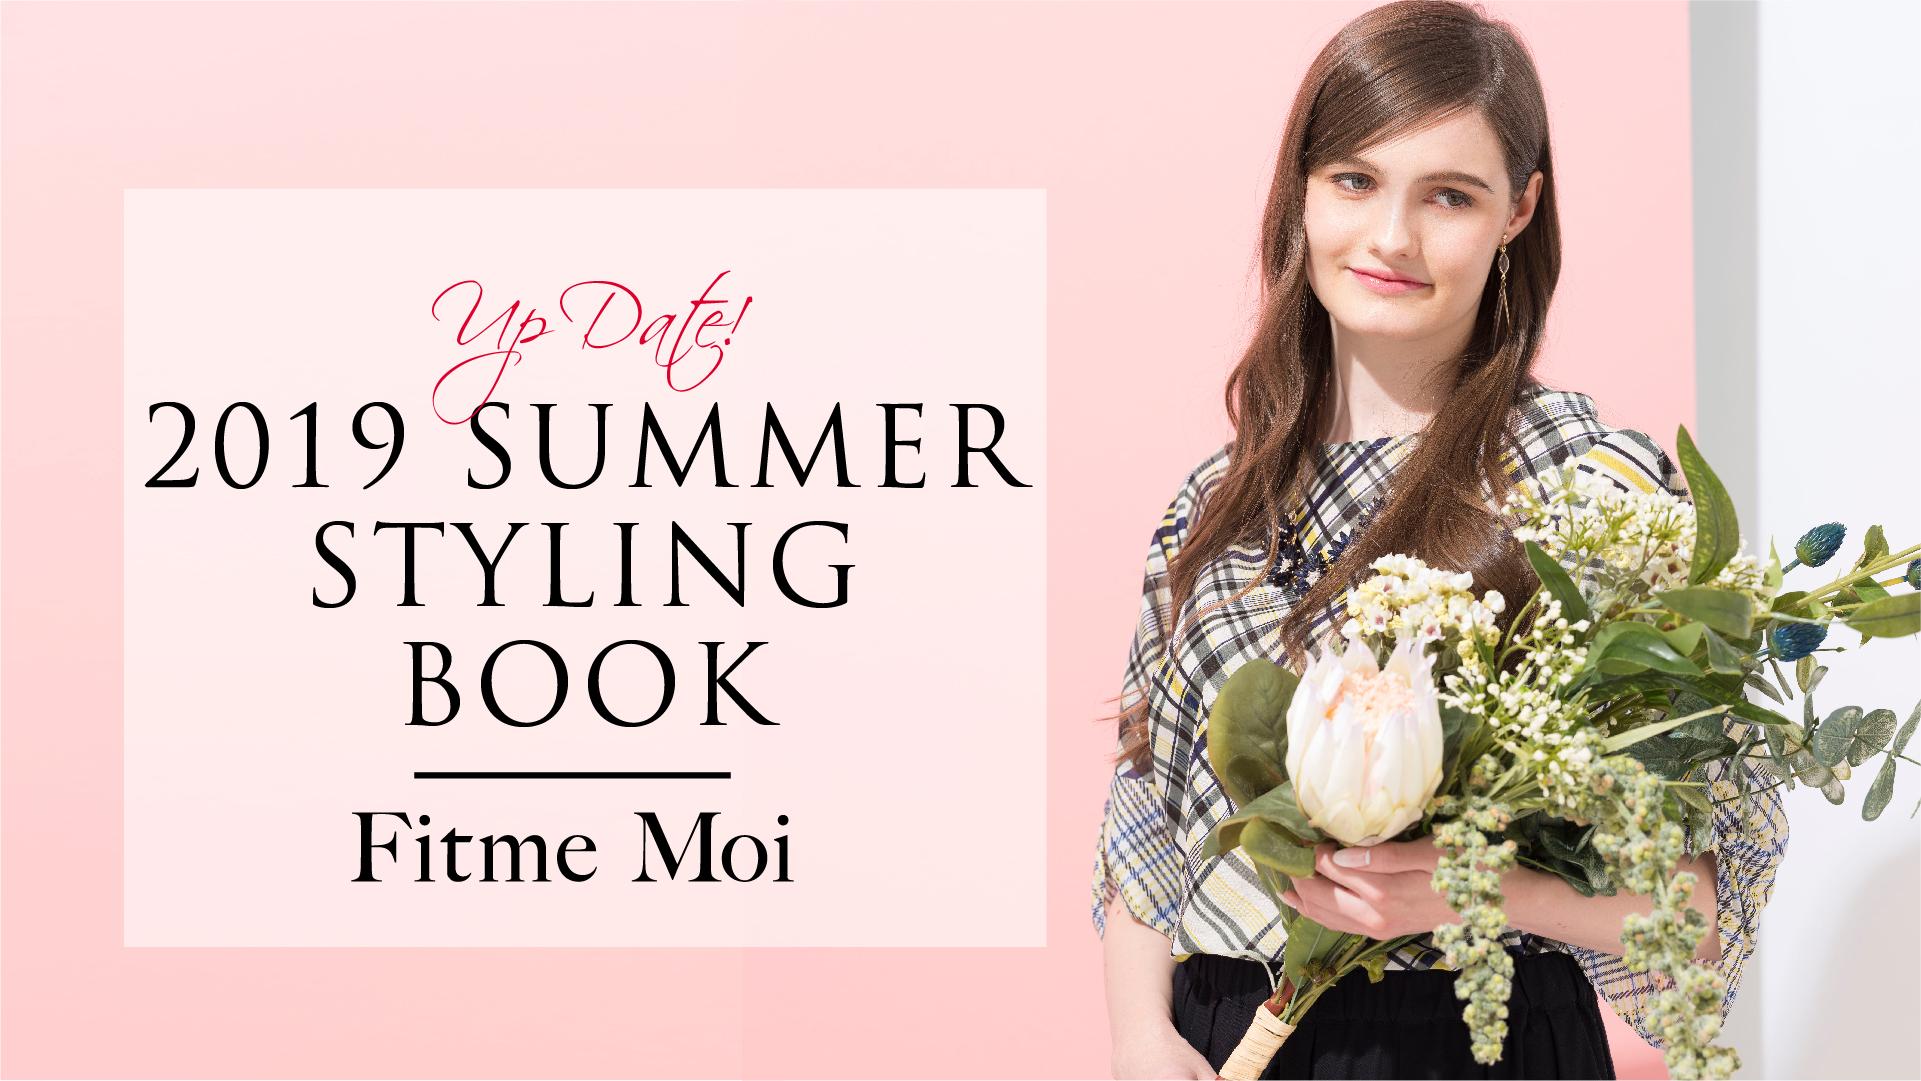 Fitme Moi2019夏カタログアップしました!